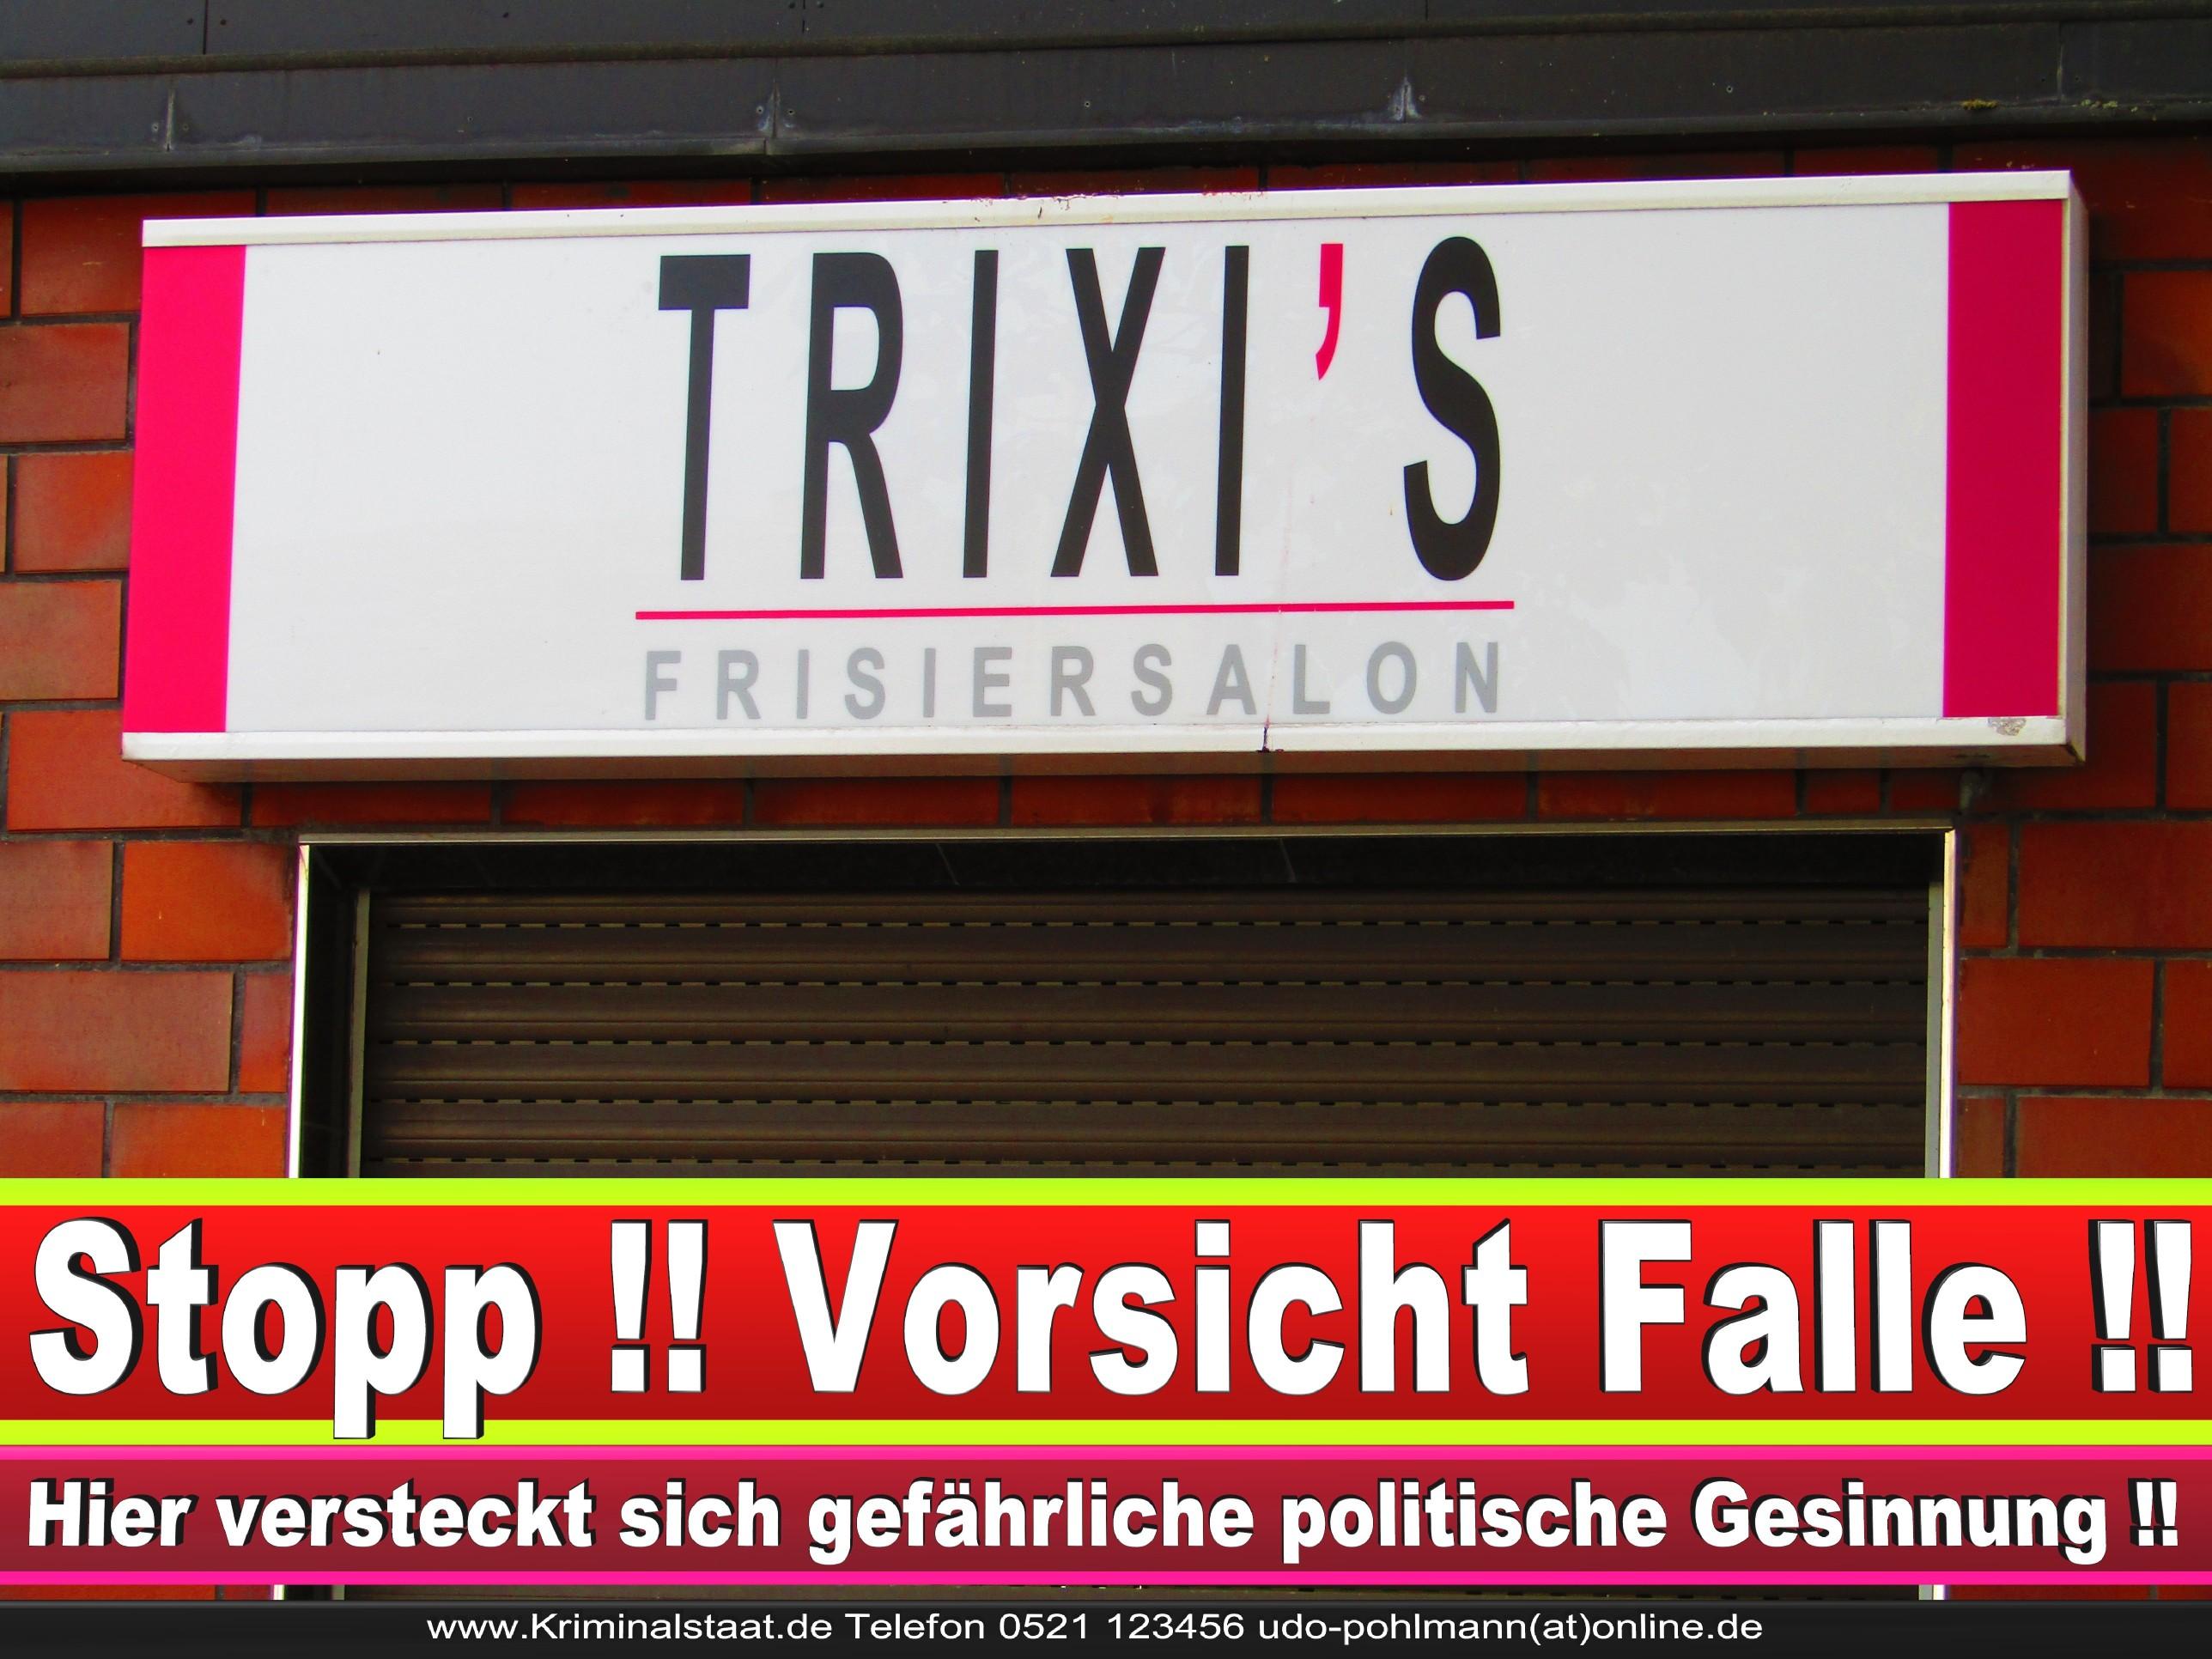 PATRICIA WEHMEYER TRIXI CDU BIELEFELD HAIRSALON FRISEUR 13 LANDTAGSWAHL BUNDESTAGSWAHL BÜRGERMEISTERWAHL